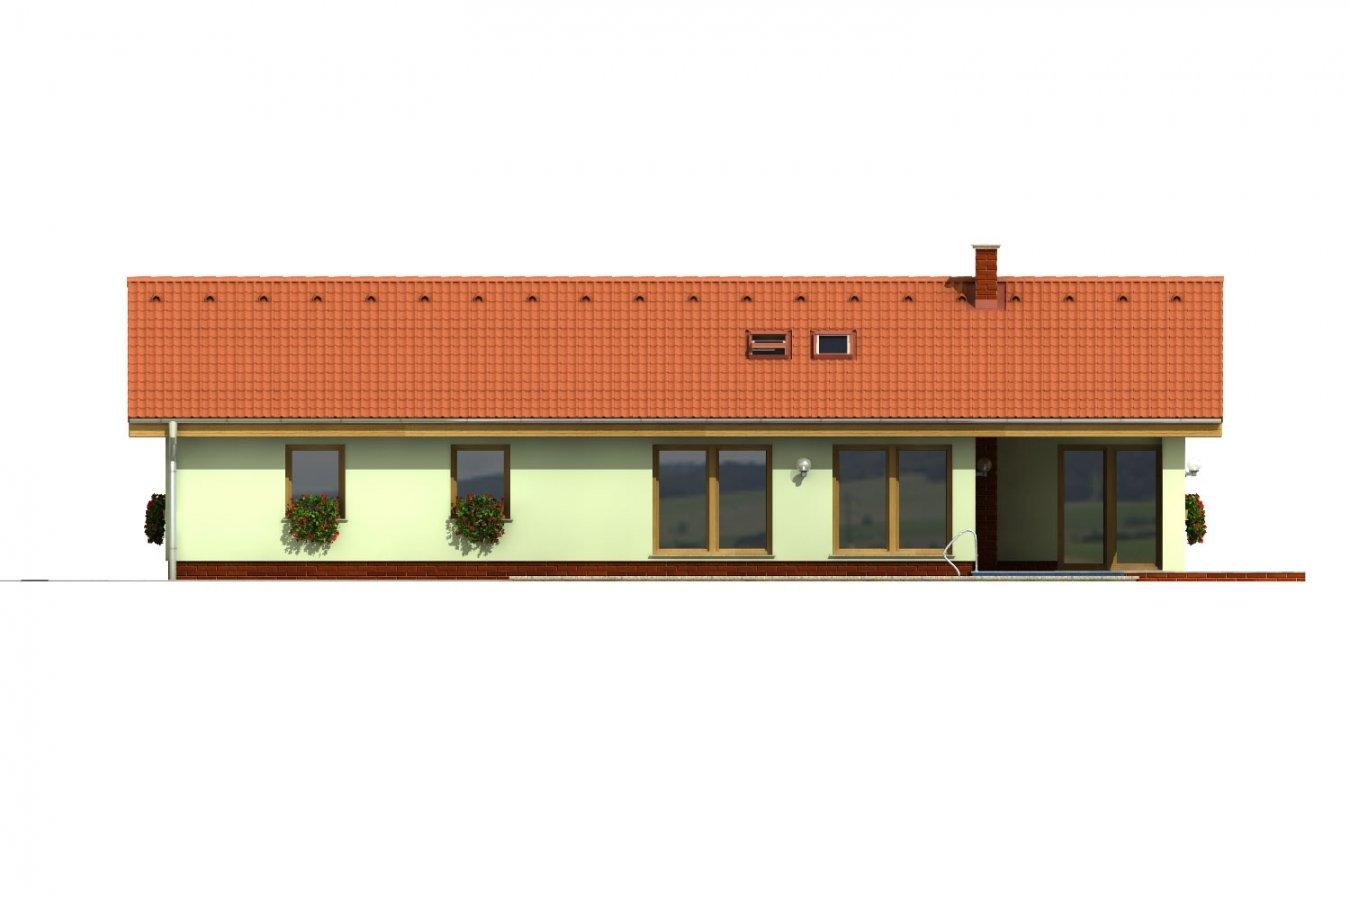 Pohľad 2. - Úzky rodinný dom s prekrytou terasou, spracovaný v 3d realite.